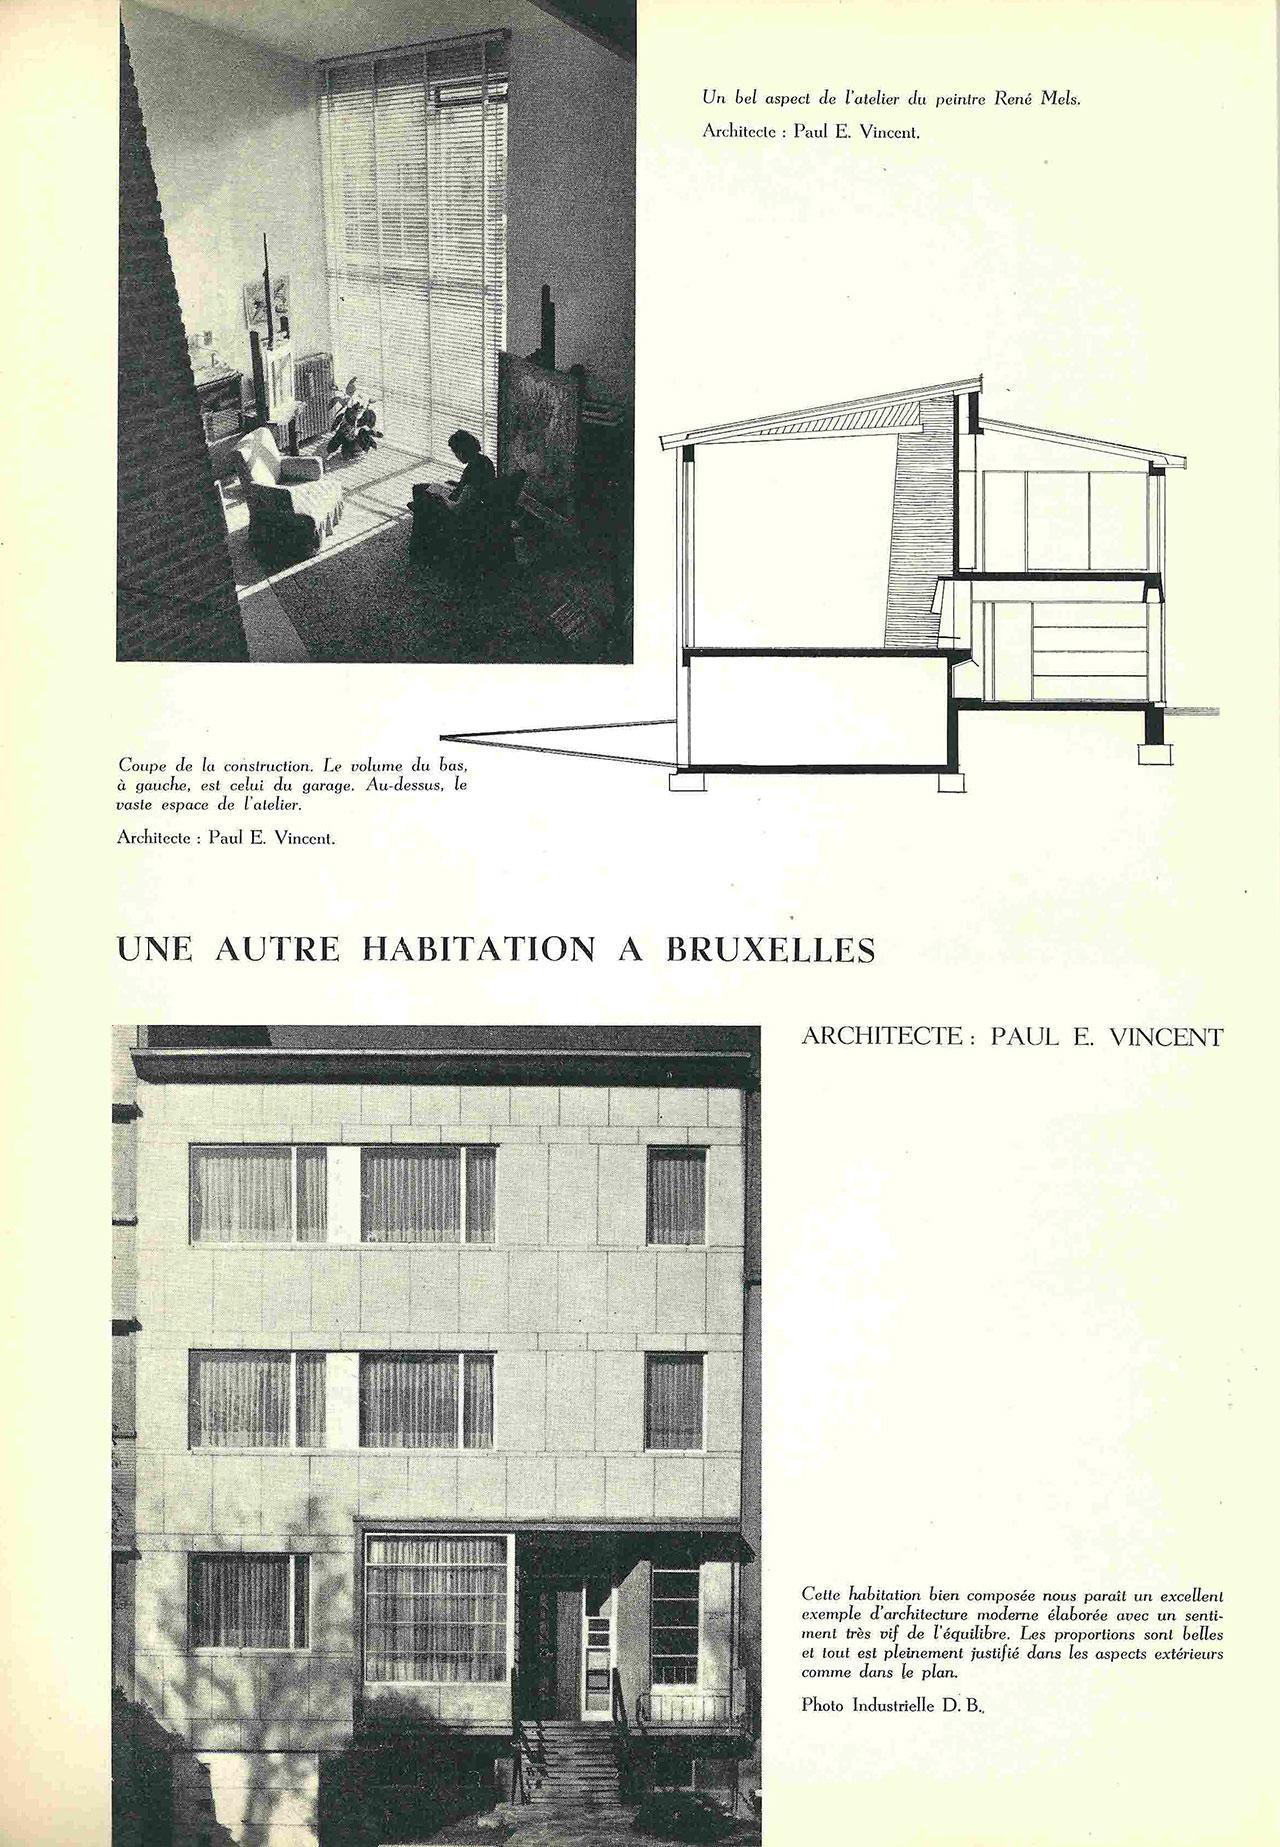 Une autre habitation à Bruxelles